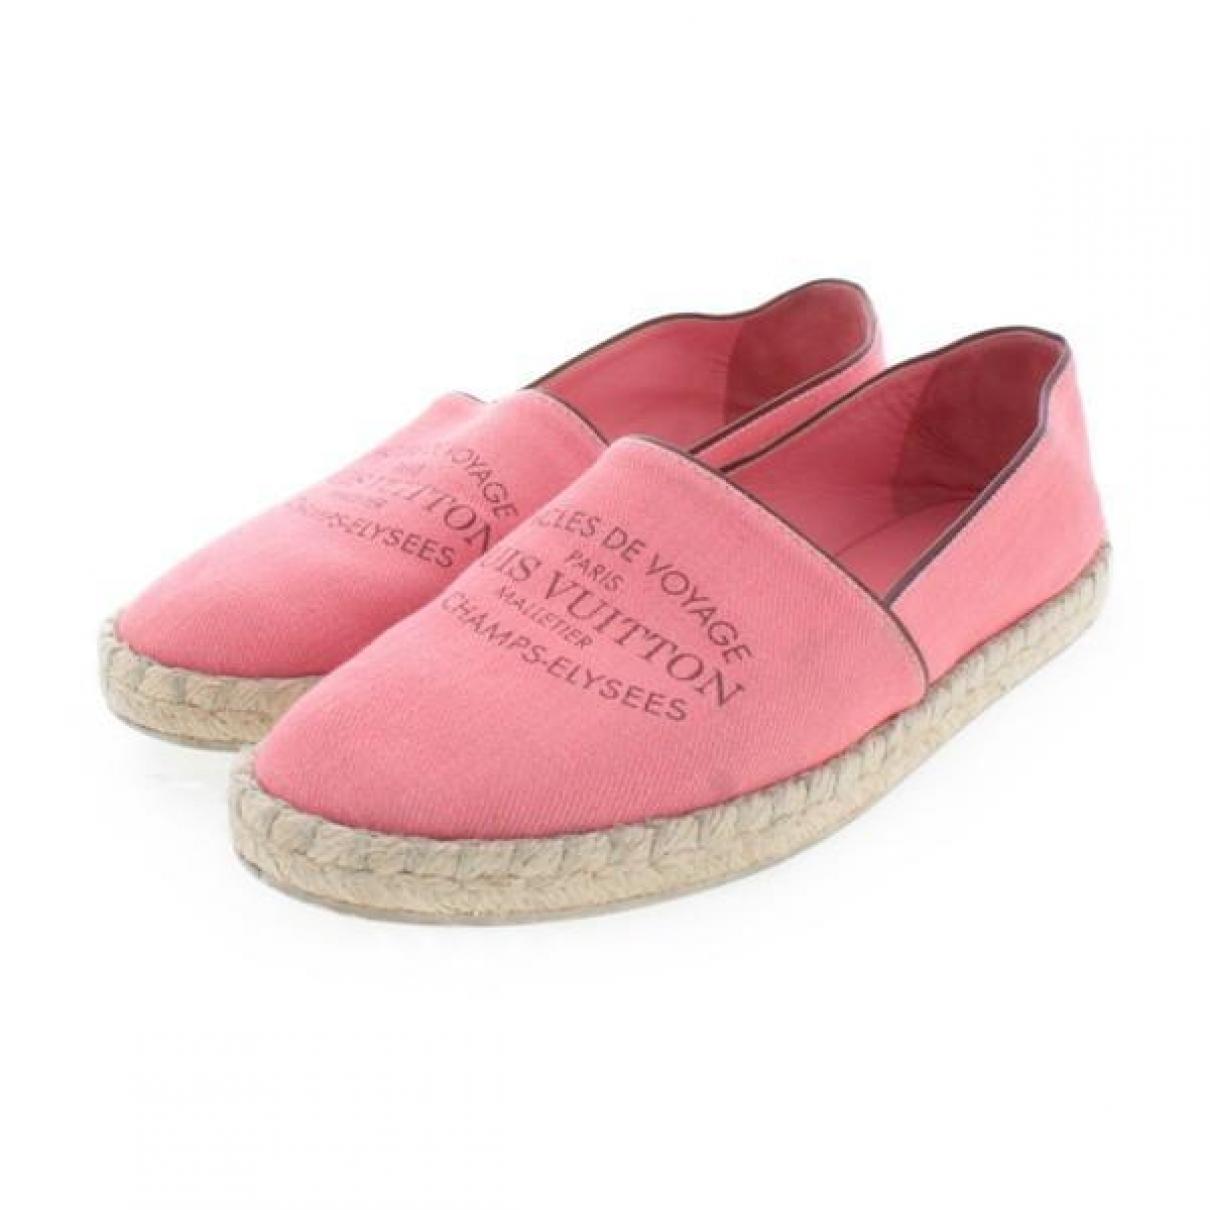 Louis Vuitton - Espadrilles   pour femme en toile - rose